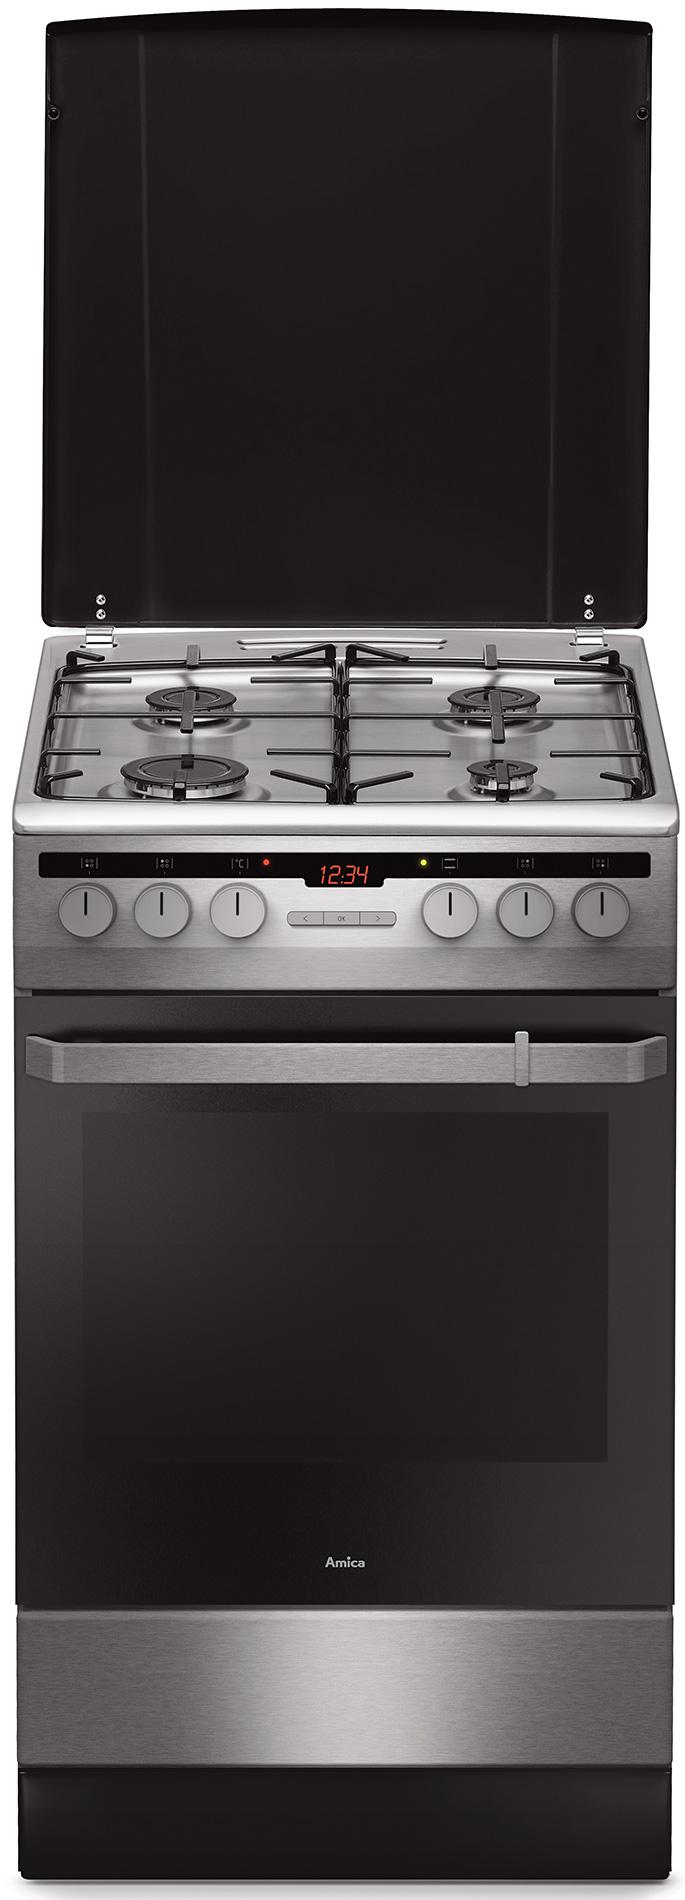 Kuchnia wolnostojąca gazowo elektryczna 500 58GE3 33HZpTaQ(Xx)  Amica -> Kuchnie Gazowe Elektryczne Amica